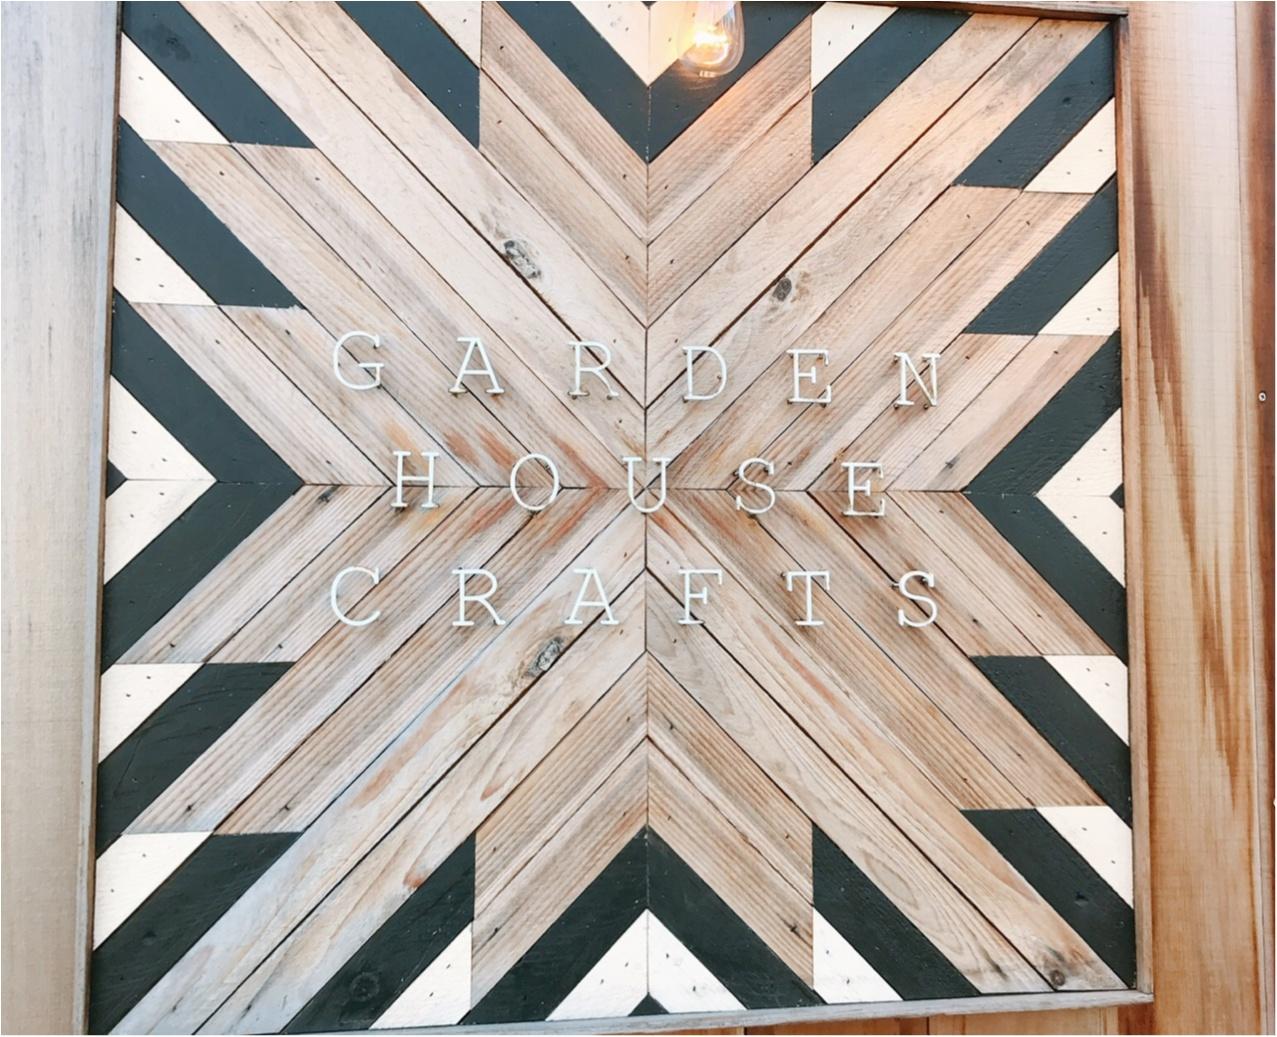 【代官山】GARDEN HOUSE CRAFTS(ガーデンハウスクラフツ)で気持ちいい朝を♡_1